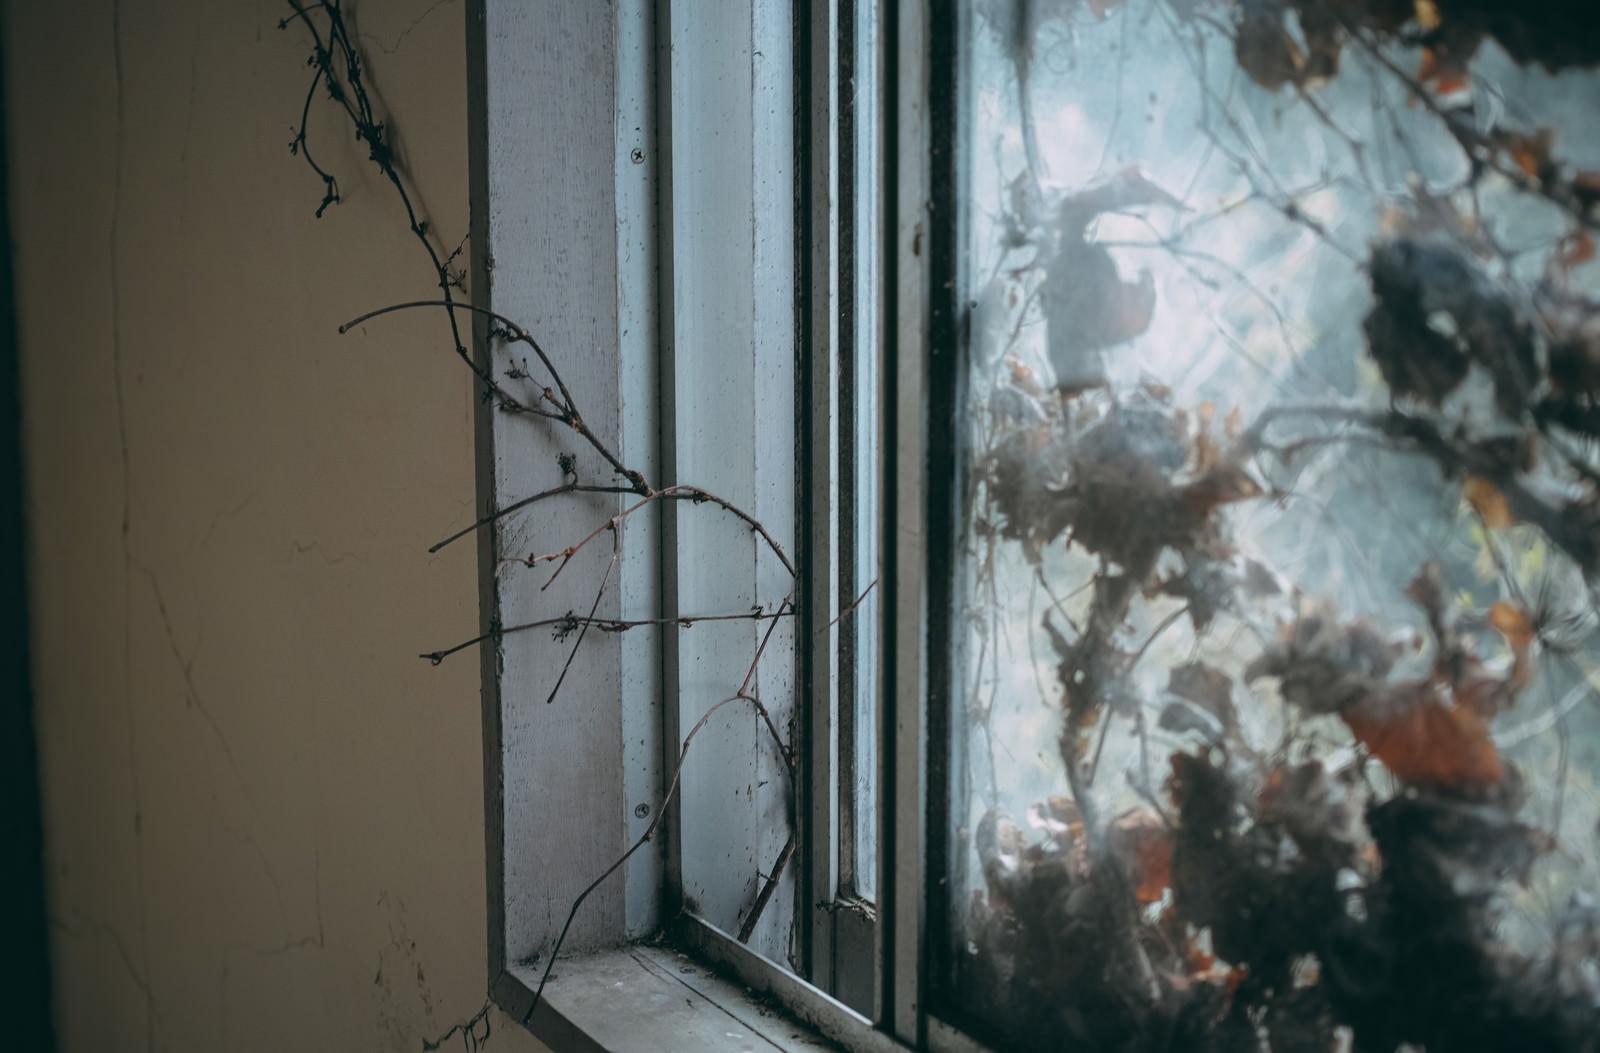 「屋外から屋内に伸びる蔦」の写真